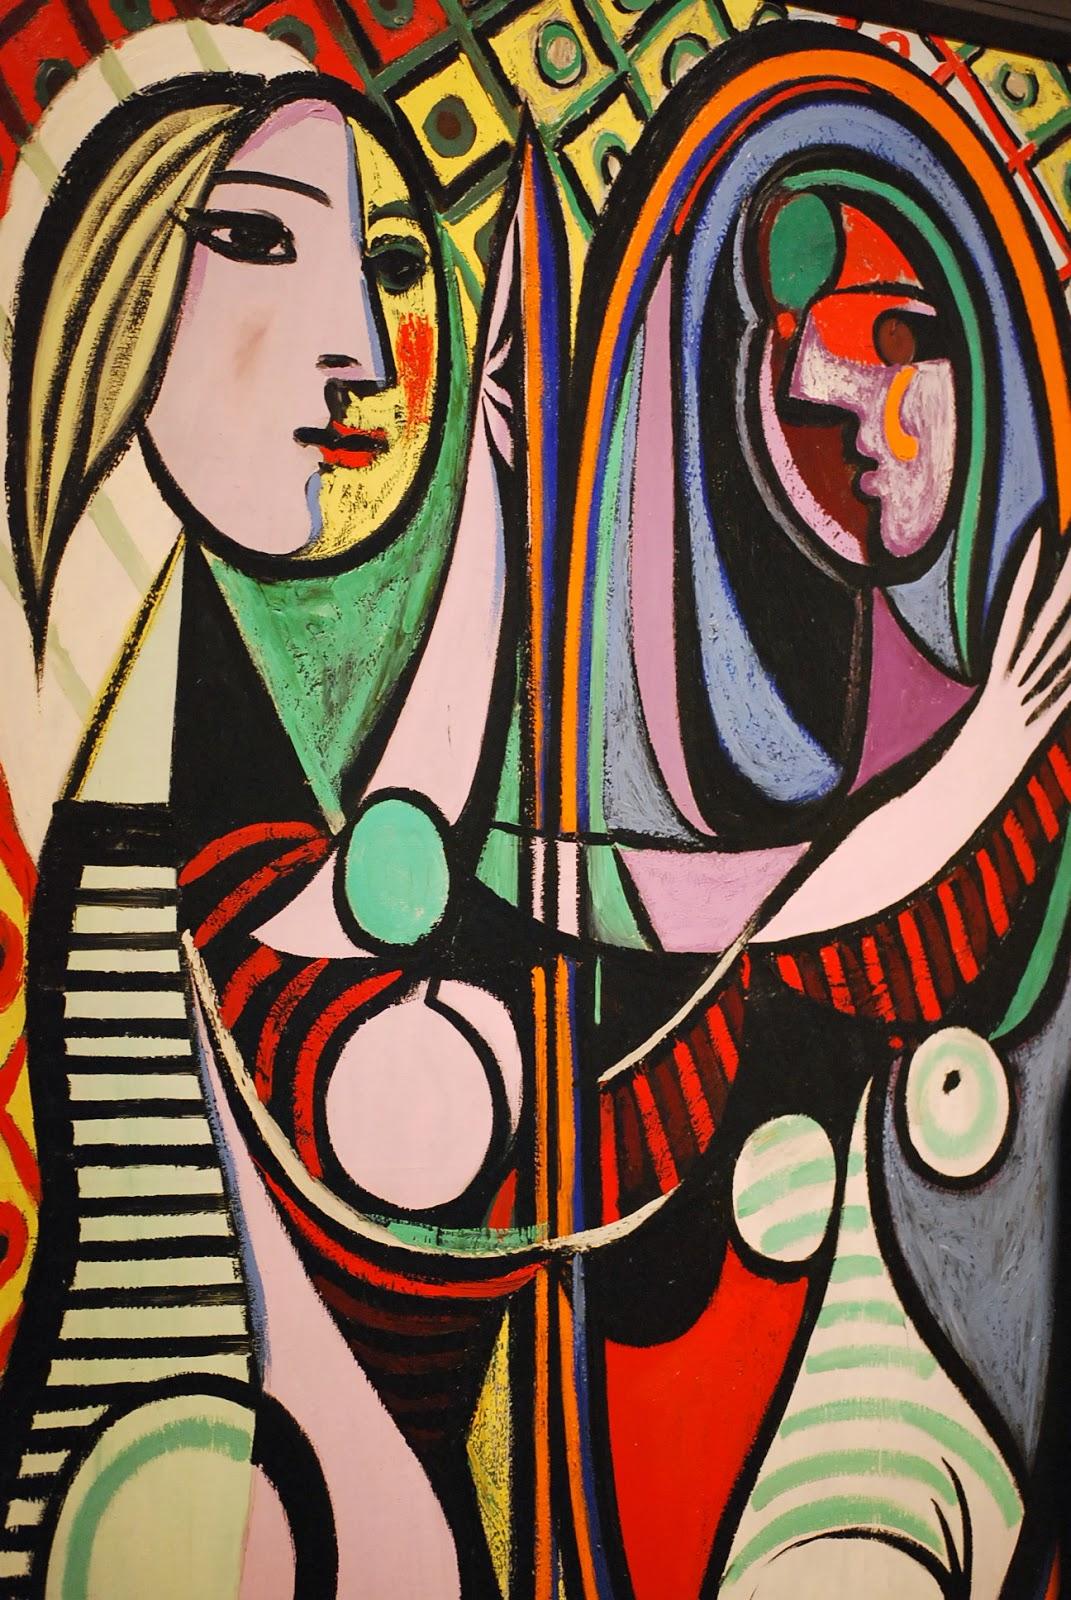 Garota em Frente ao Espelho - Picasso e suas pinturas ~ O maior expoente da Arte Moderna